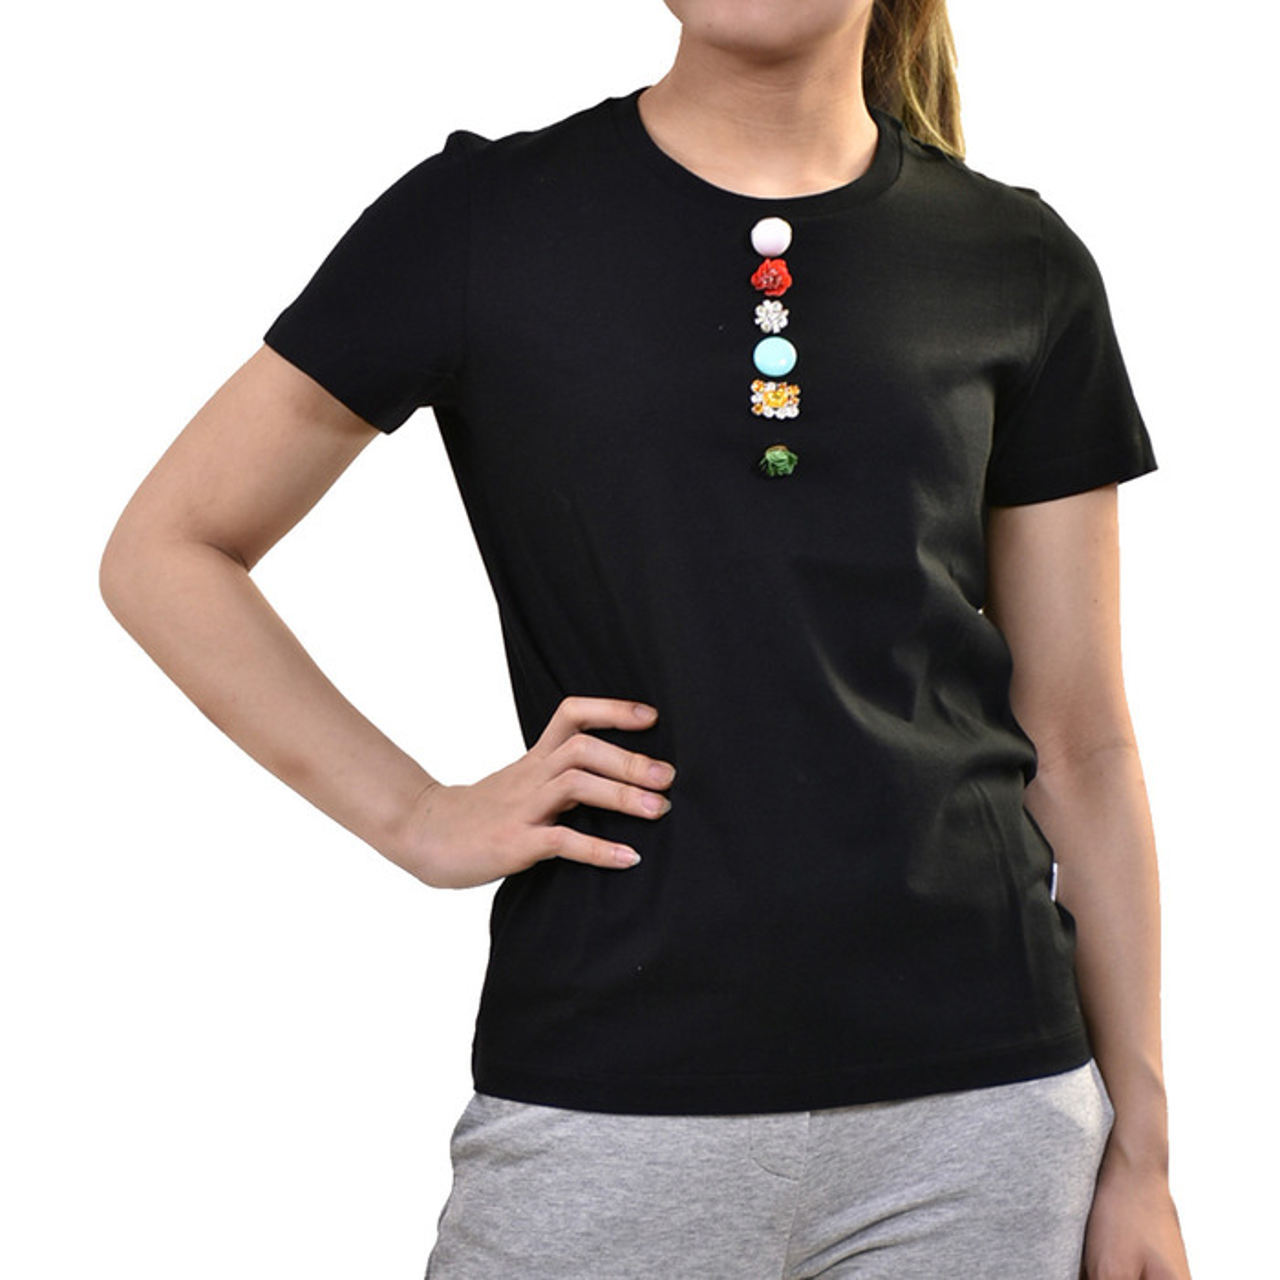 ドンダップ Tシャツ DONDUP S007 JF049D Q37 ブラック 母の日 プレゼント